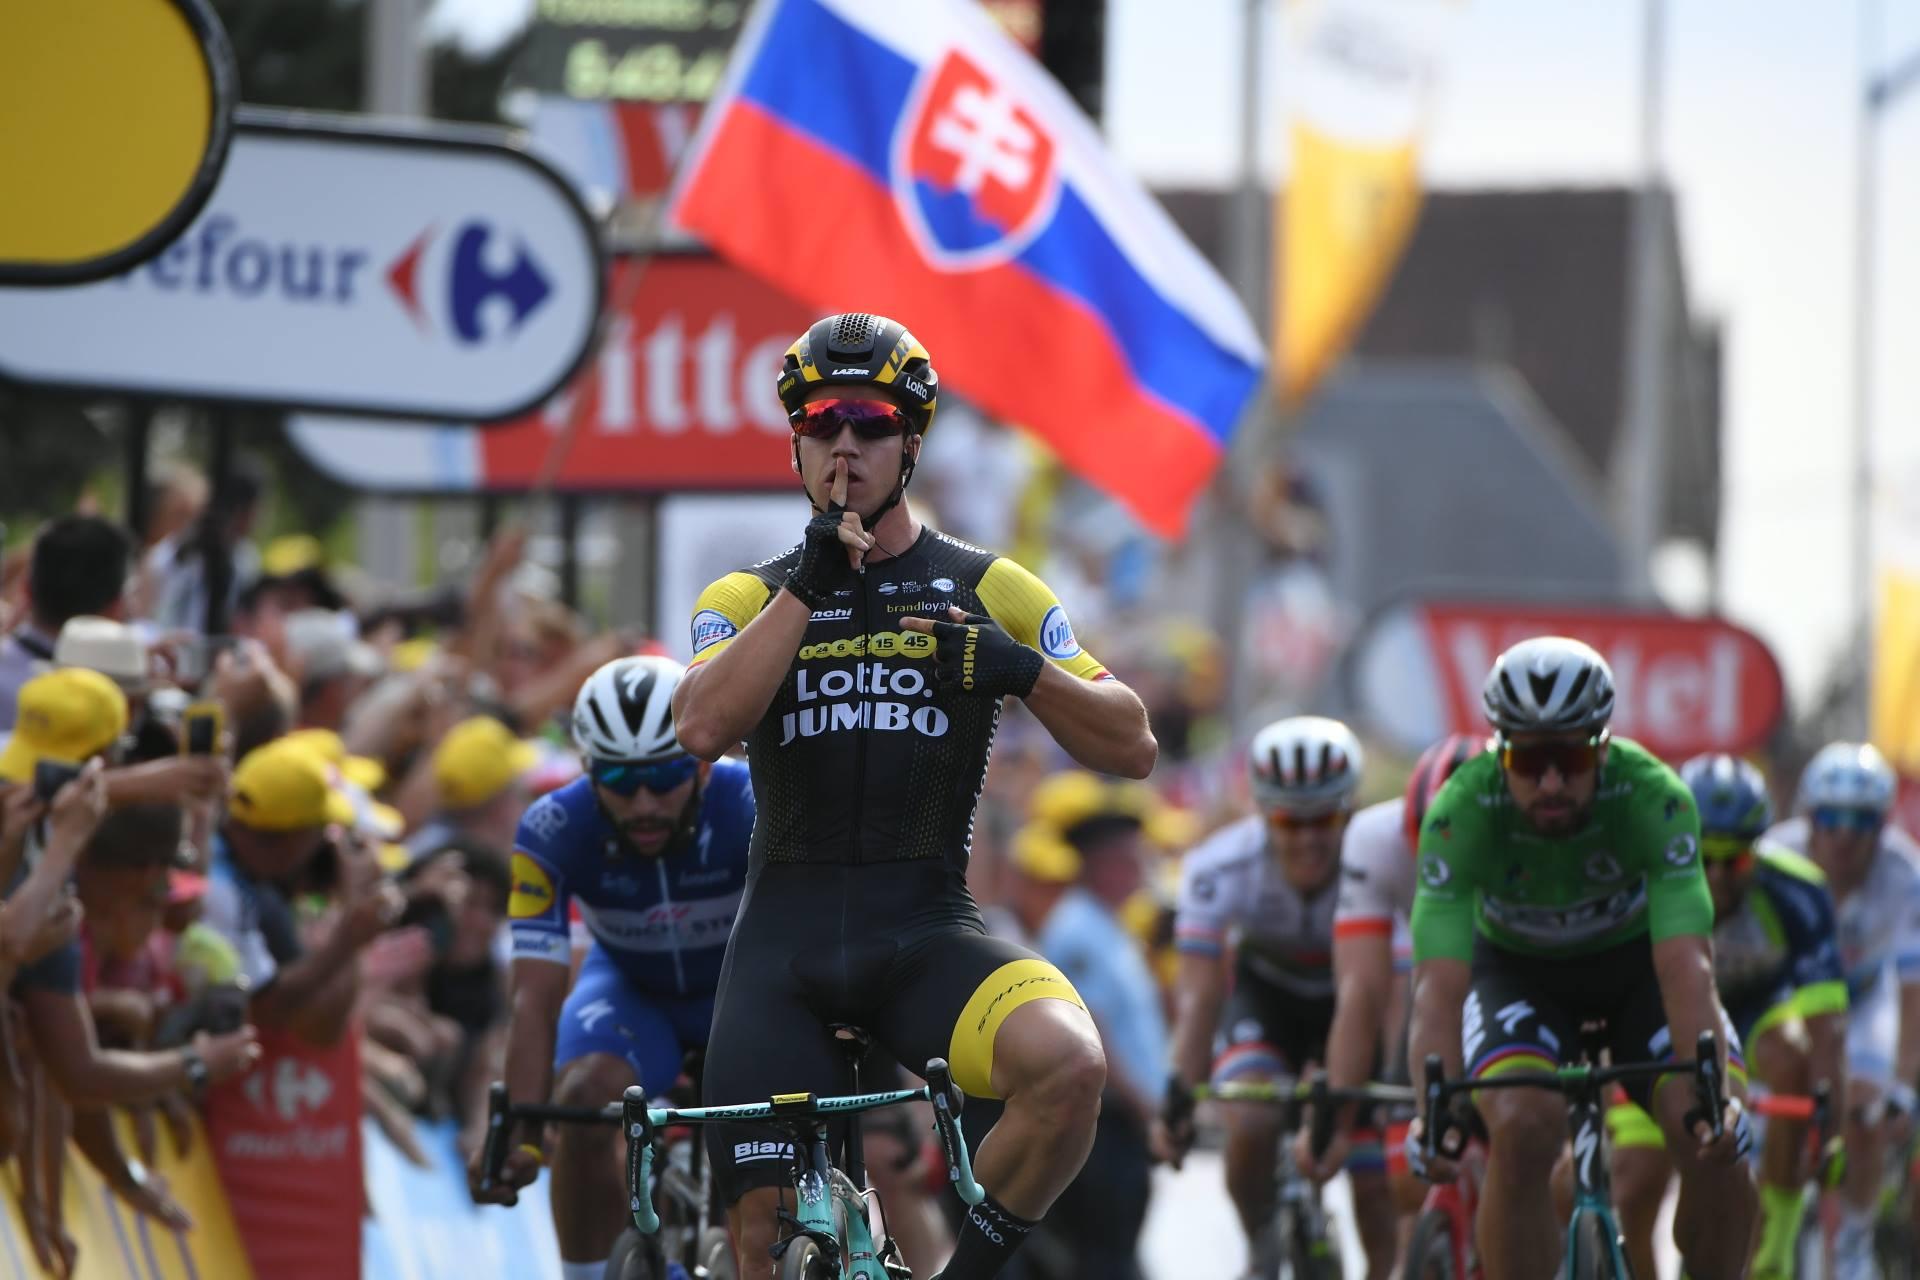 Dylan Groenewegen vince la settima tappa del Tour de France 2018